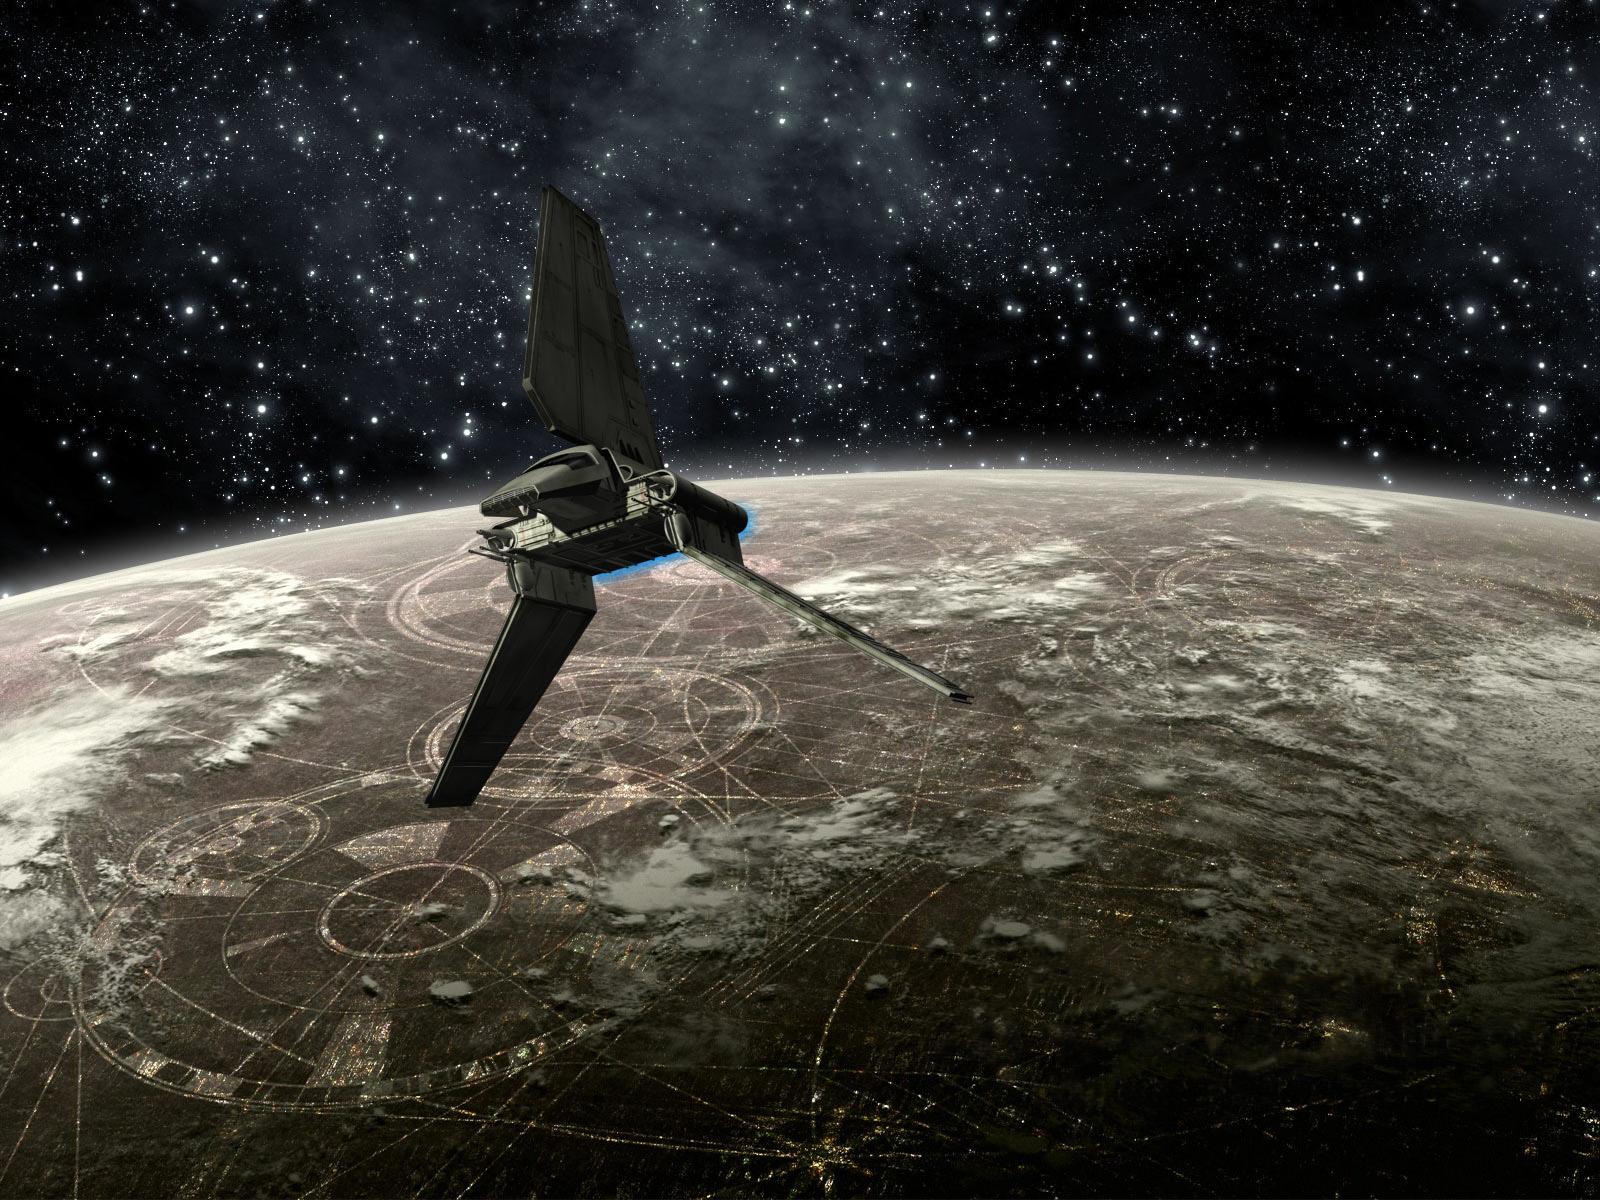 Star Wars wallpaper | 1600x1200